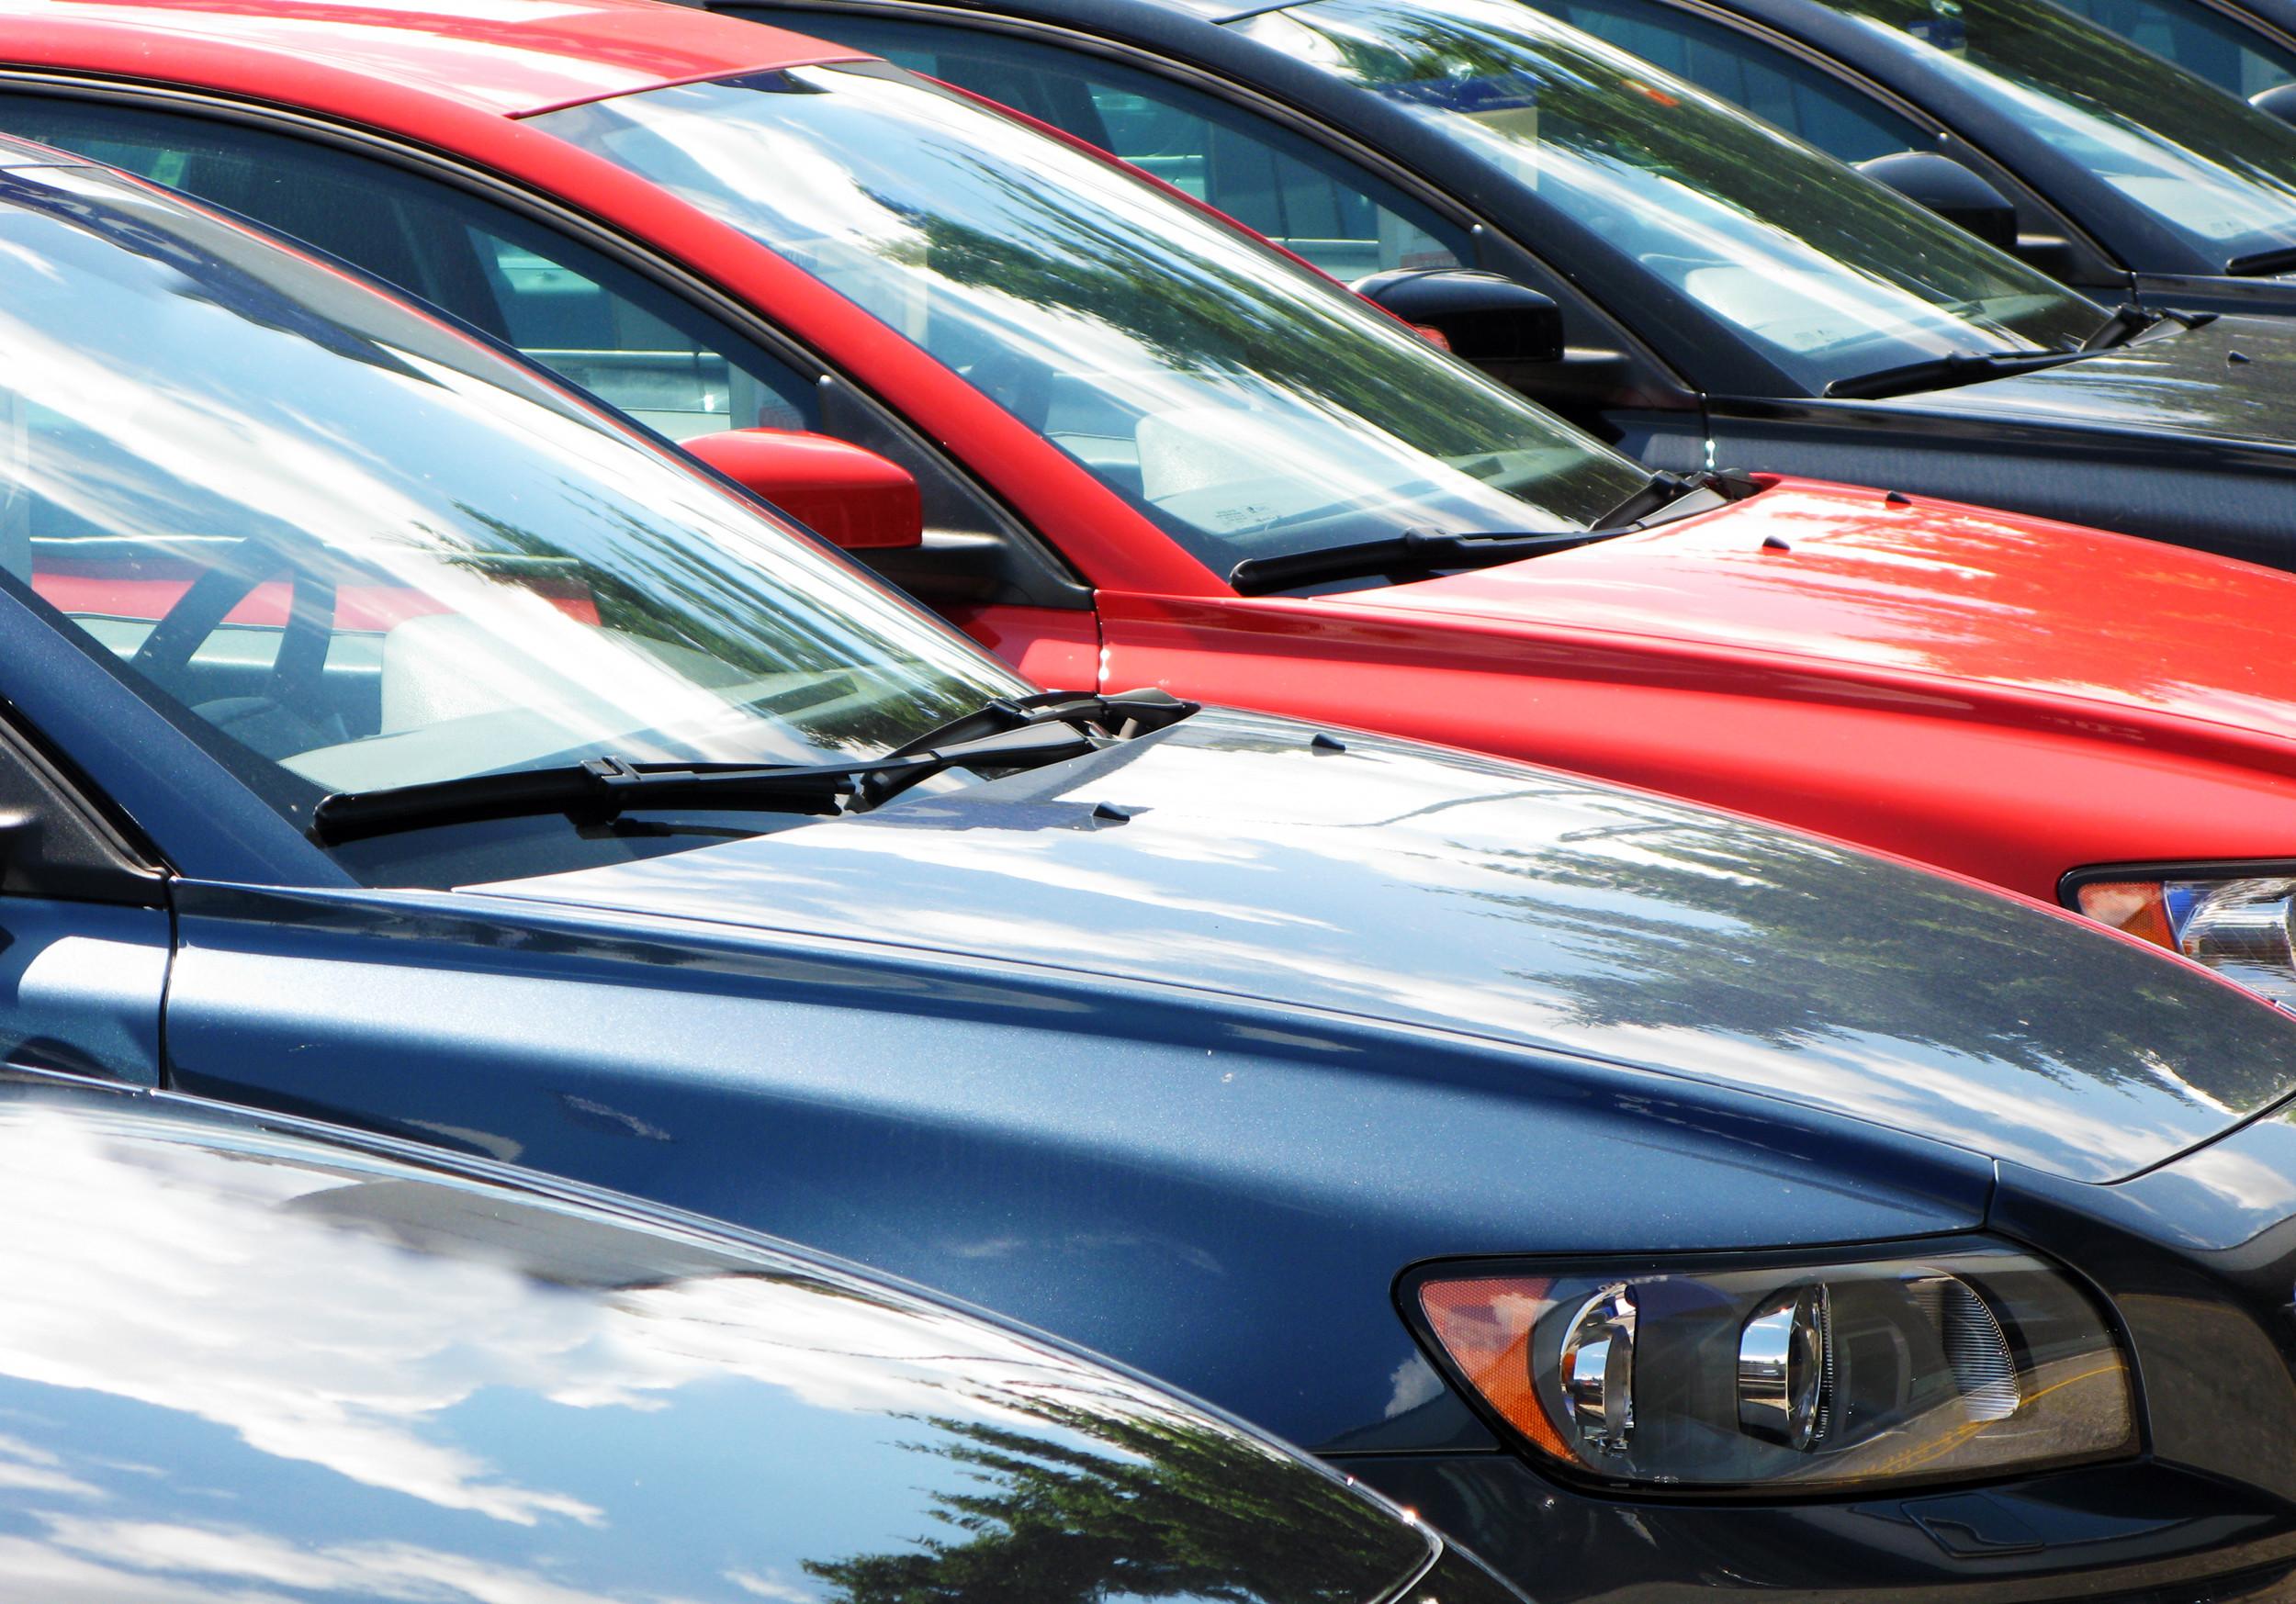 Multi Color Cars